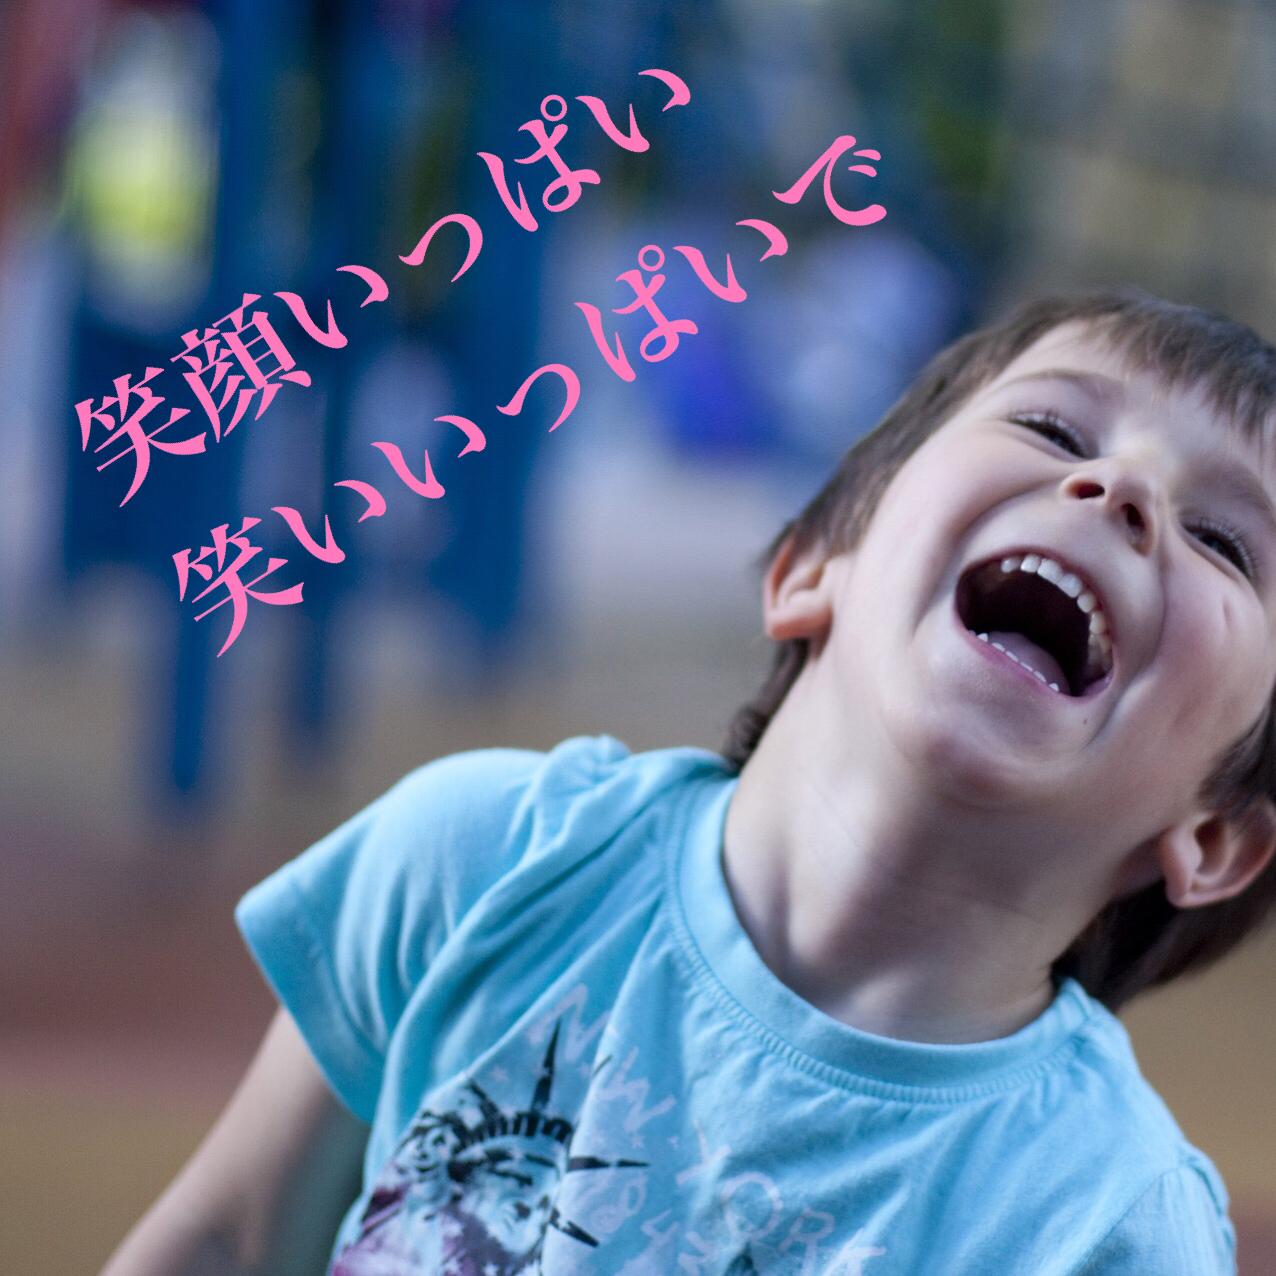 いつも笑顔いっぱい、笑いいっぱいで